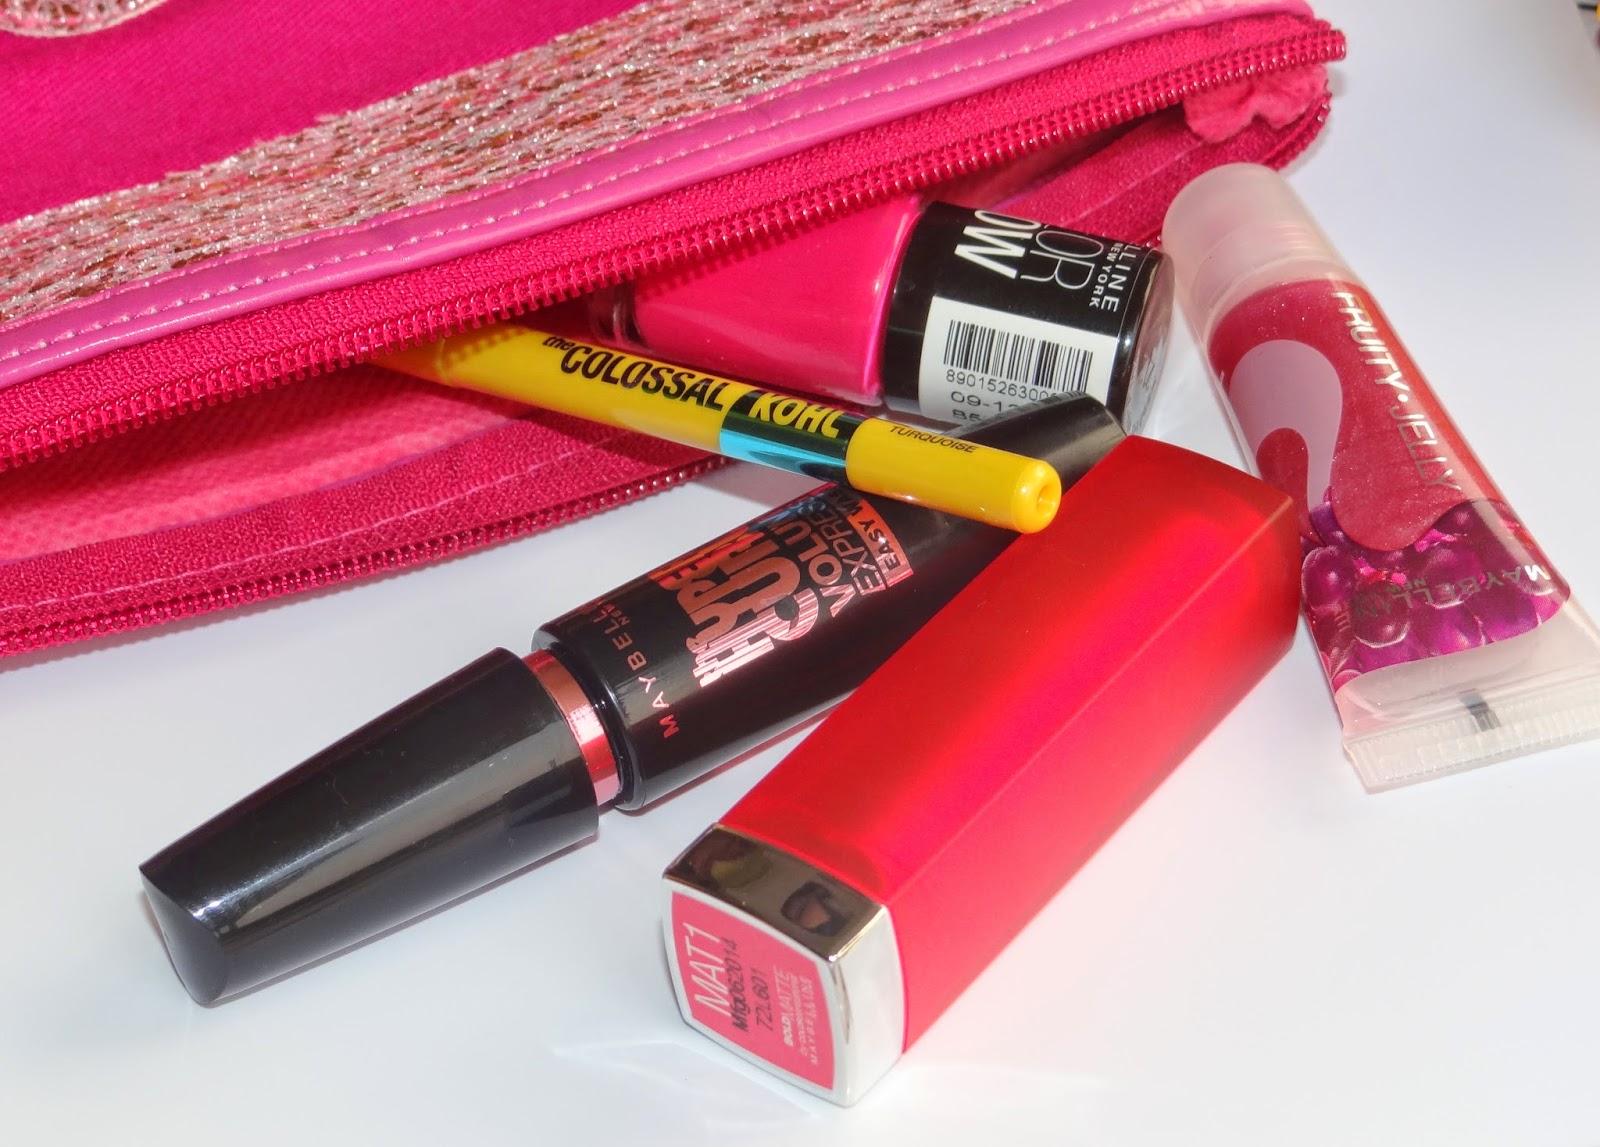 Maybelline vday gift kit